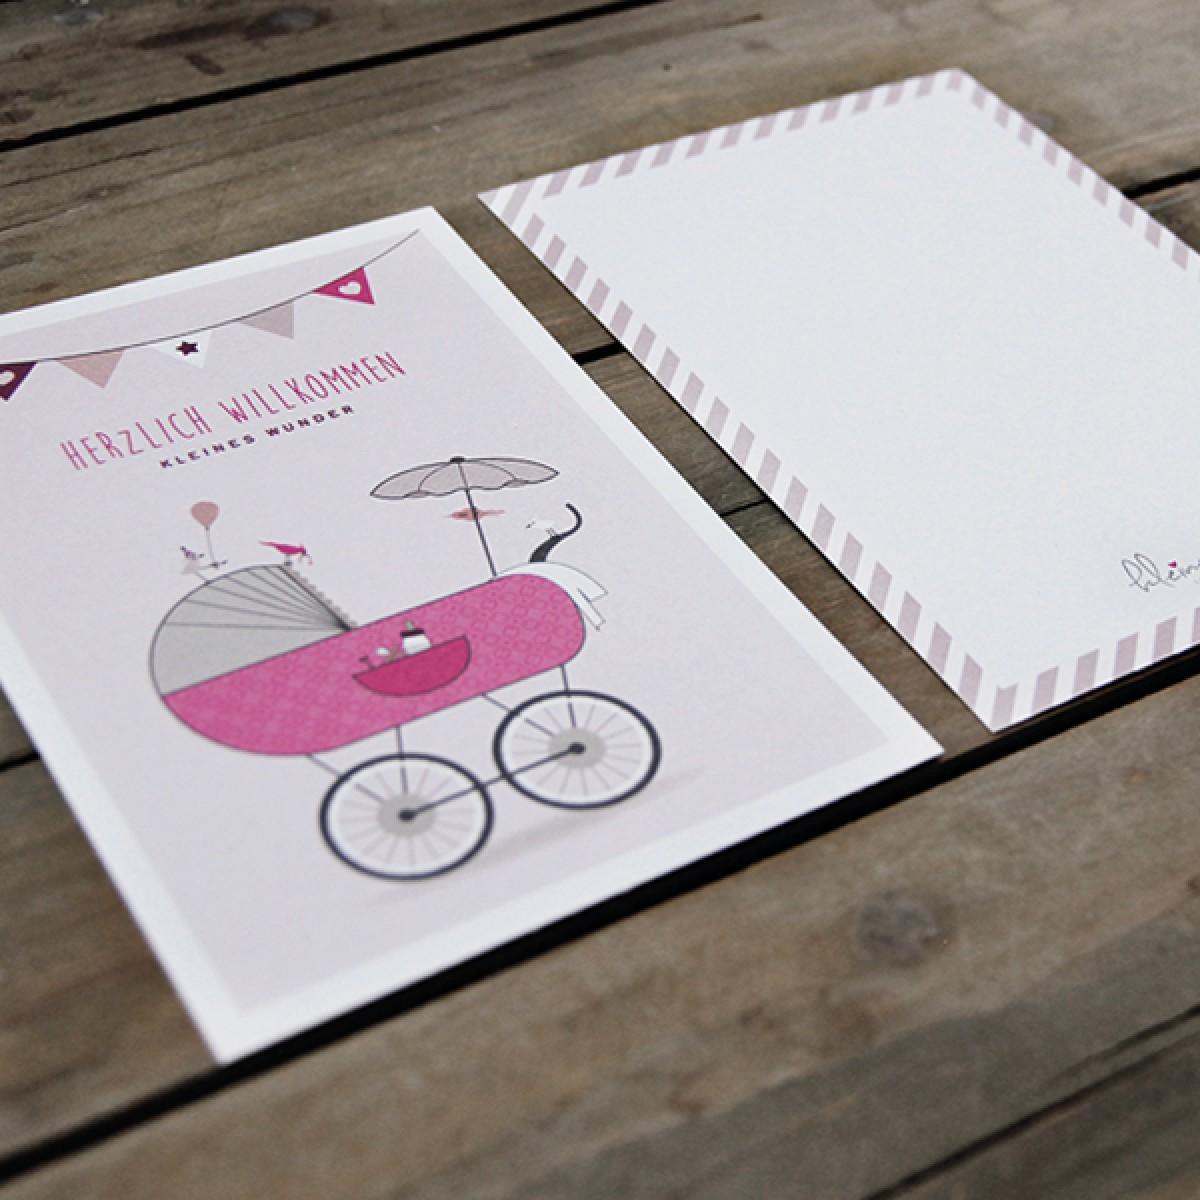 kleiner mensch Postkarte (Mädchen)